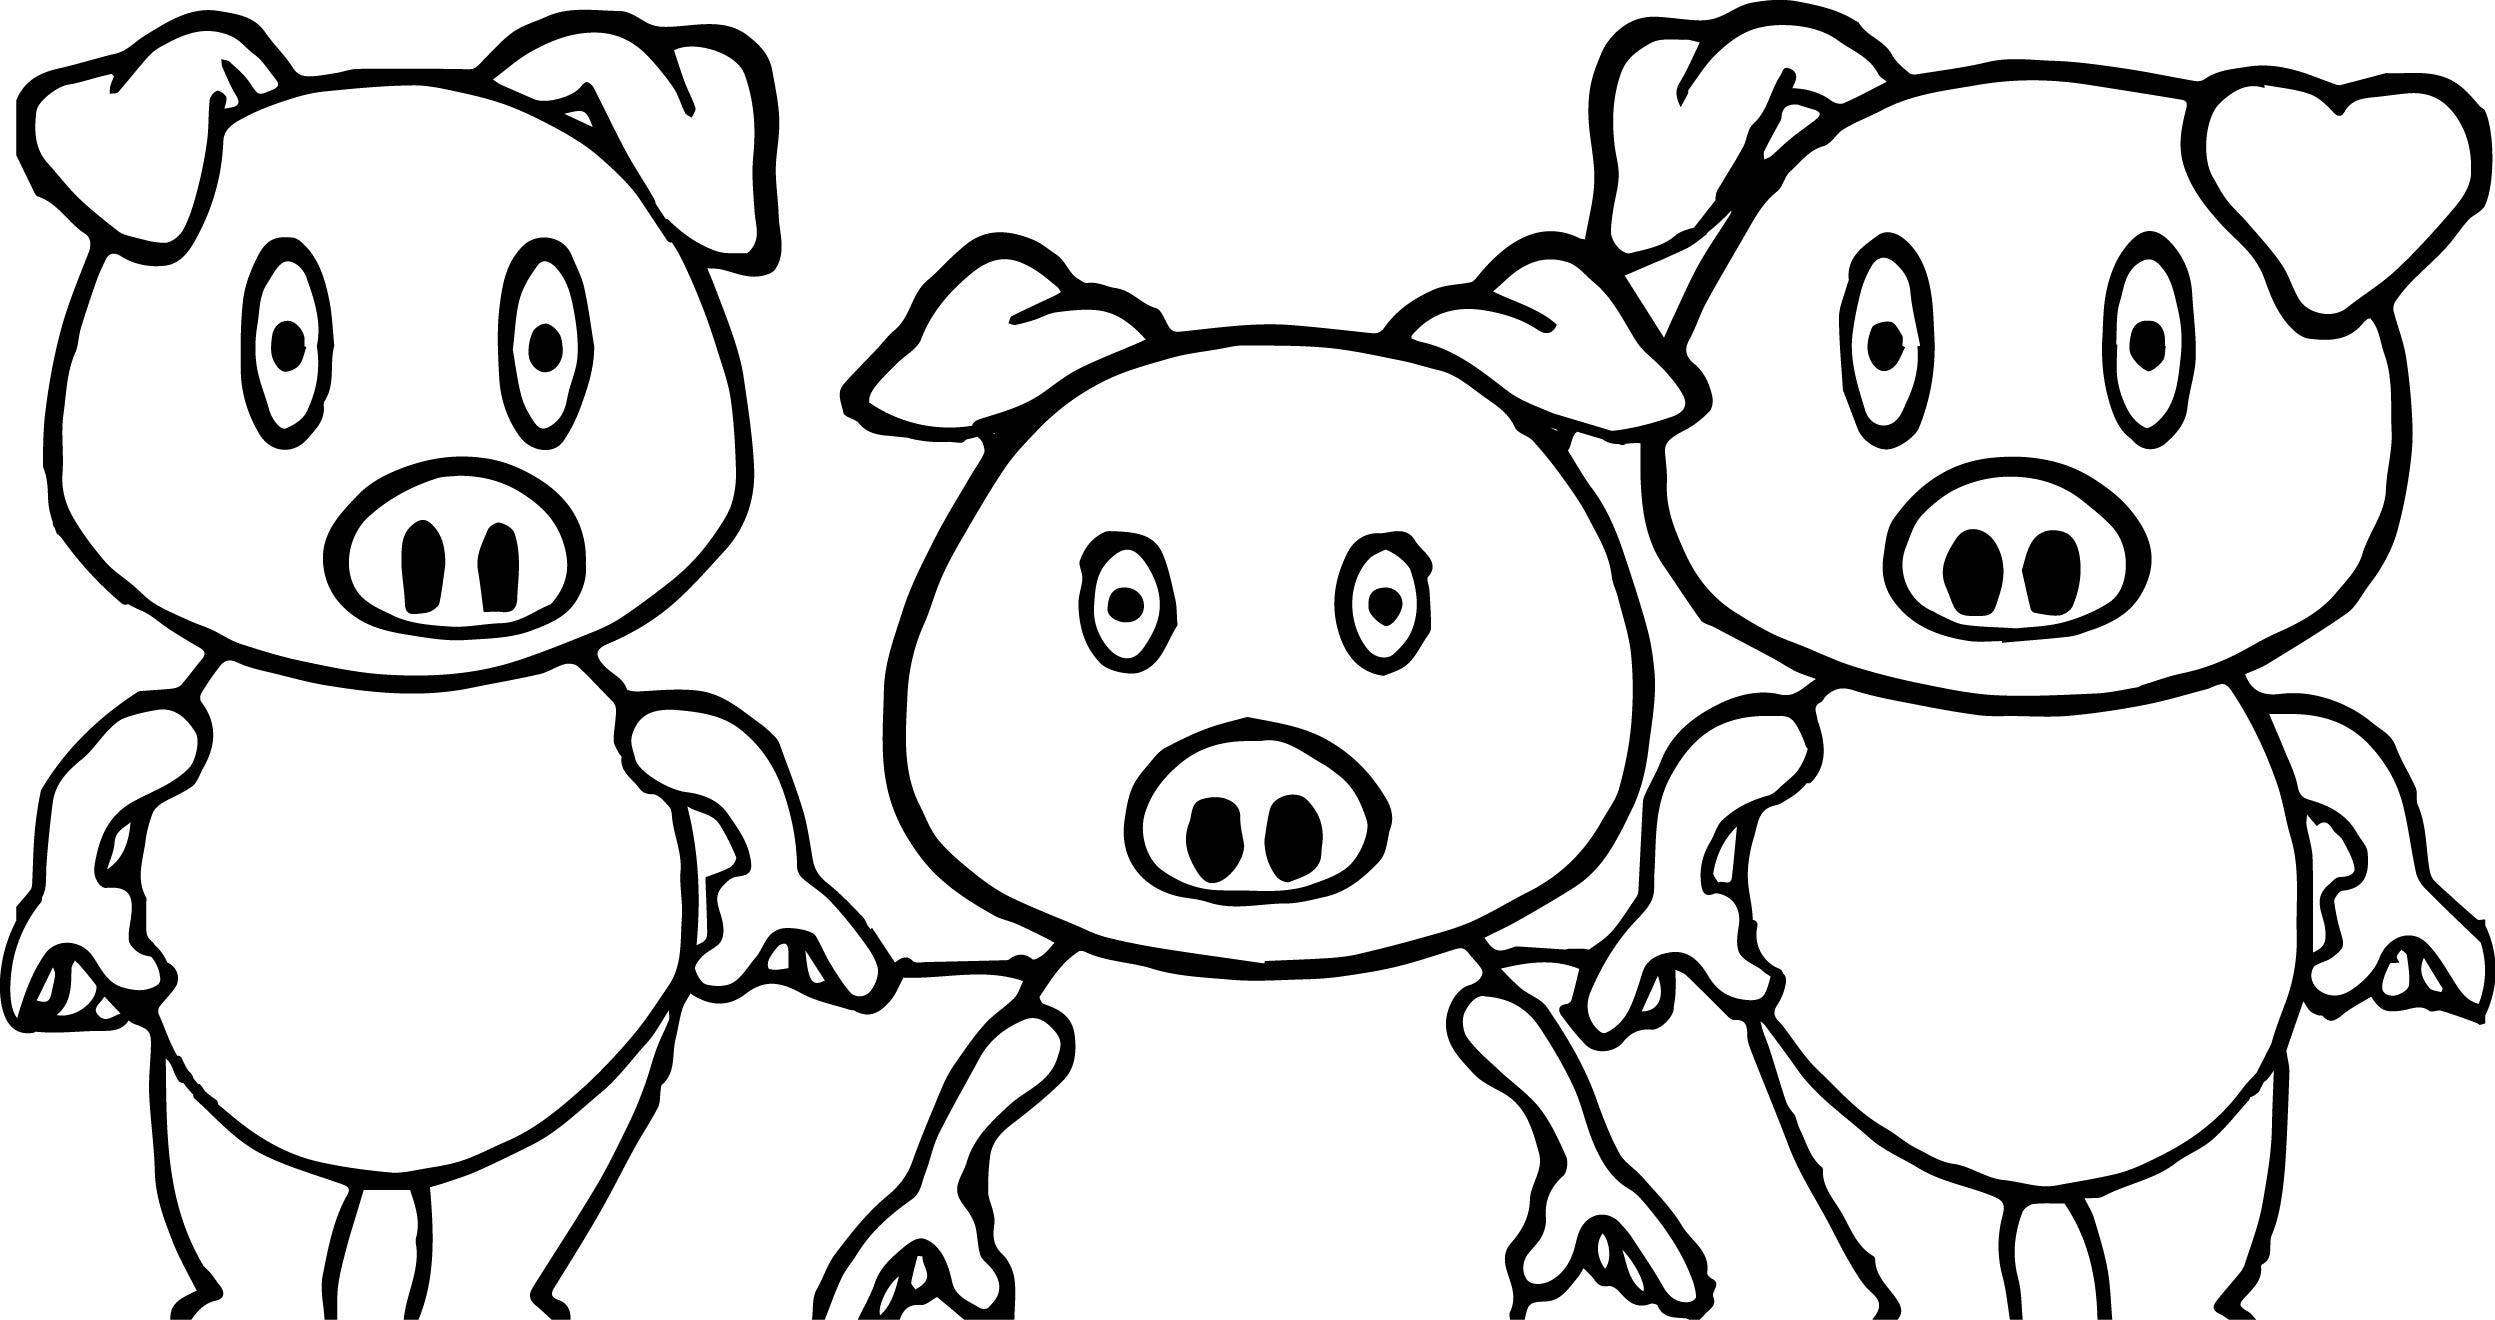 Simple Pig Drawing At Getdrawings